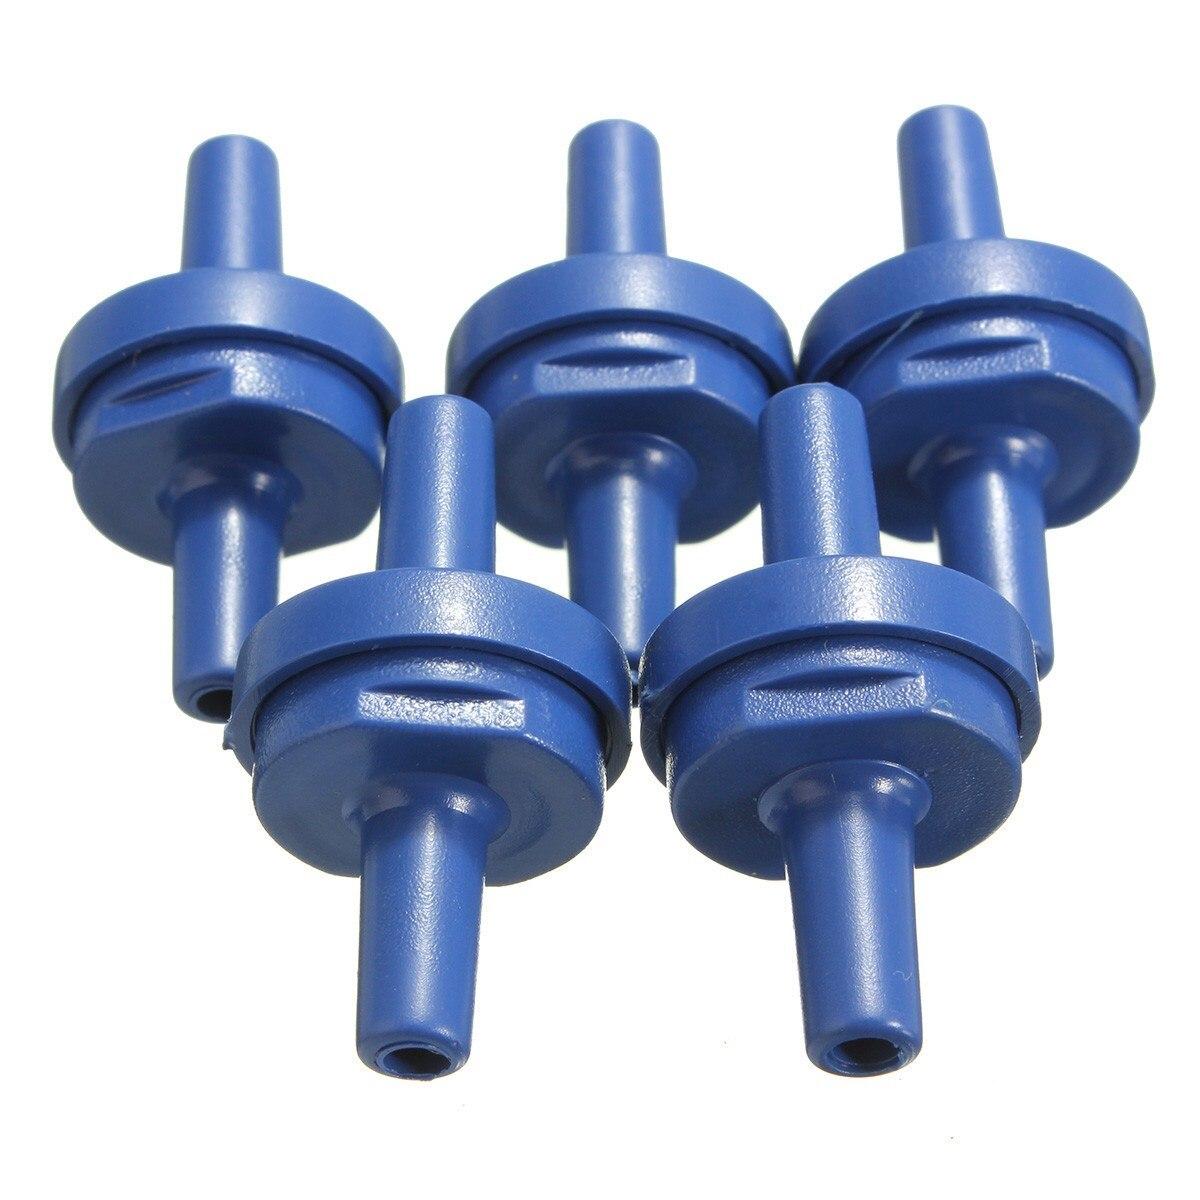 Heimwerker Klug 5 Stücke Kunststoff Dark Blue One Way Air Rückschlagventile Nicht Rückkehr Anti Siphon Für Pumpe Moderater Preis